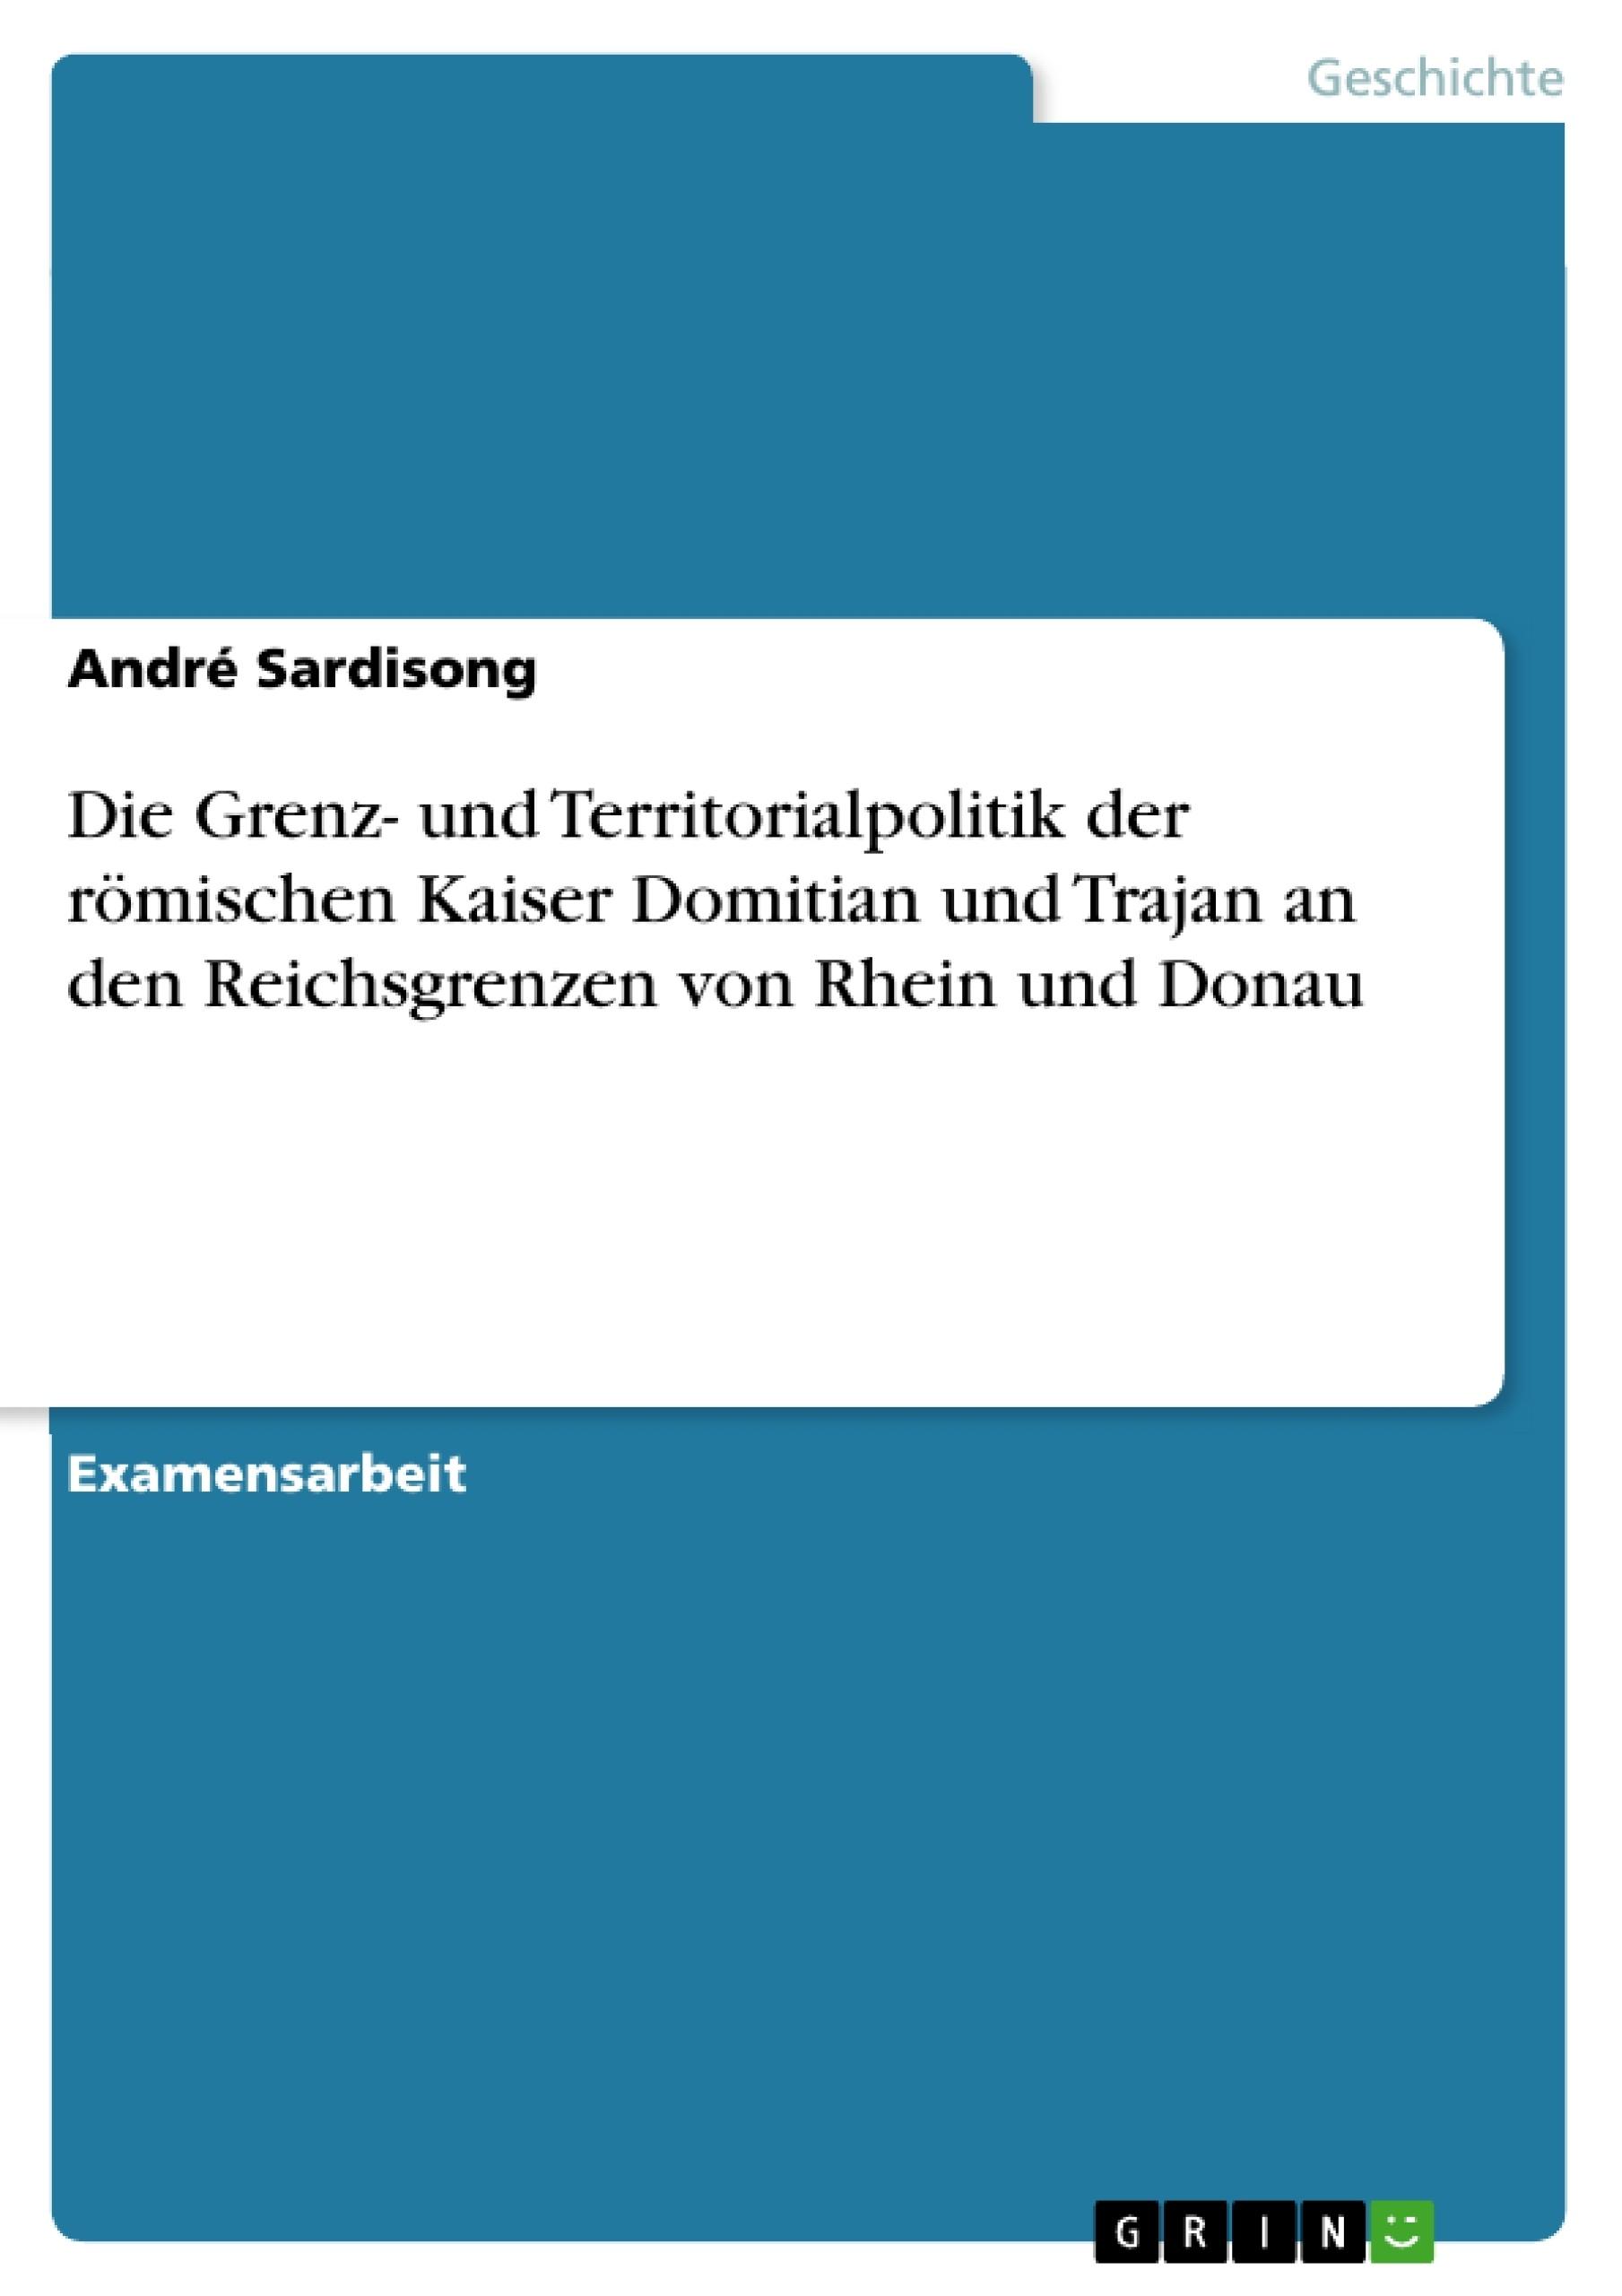 Titel: Die Grenz- und Territorialpolitik der römischen Kaiser Domitian und Trajan an den Reichsgrenzen von Rhein und Donau